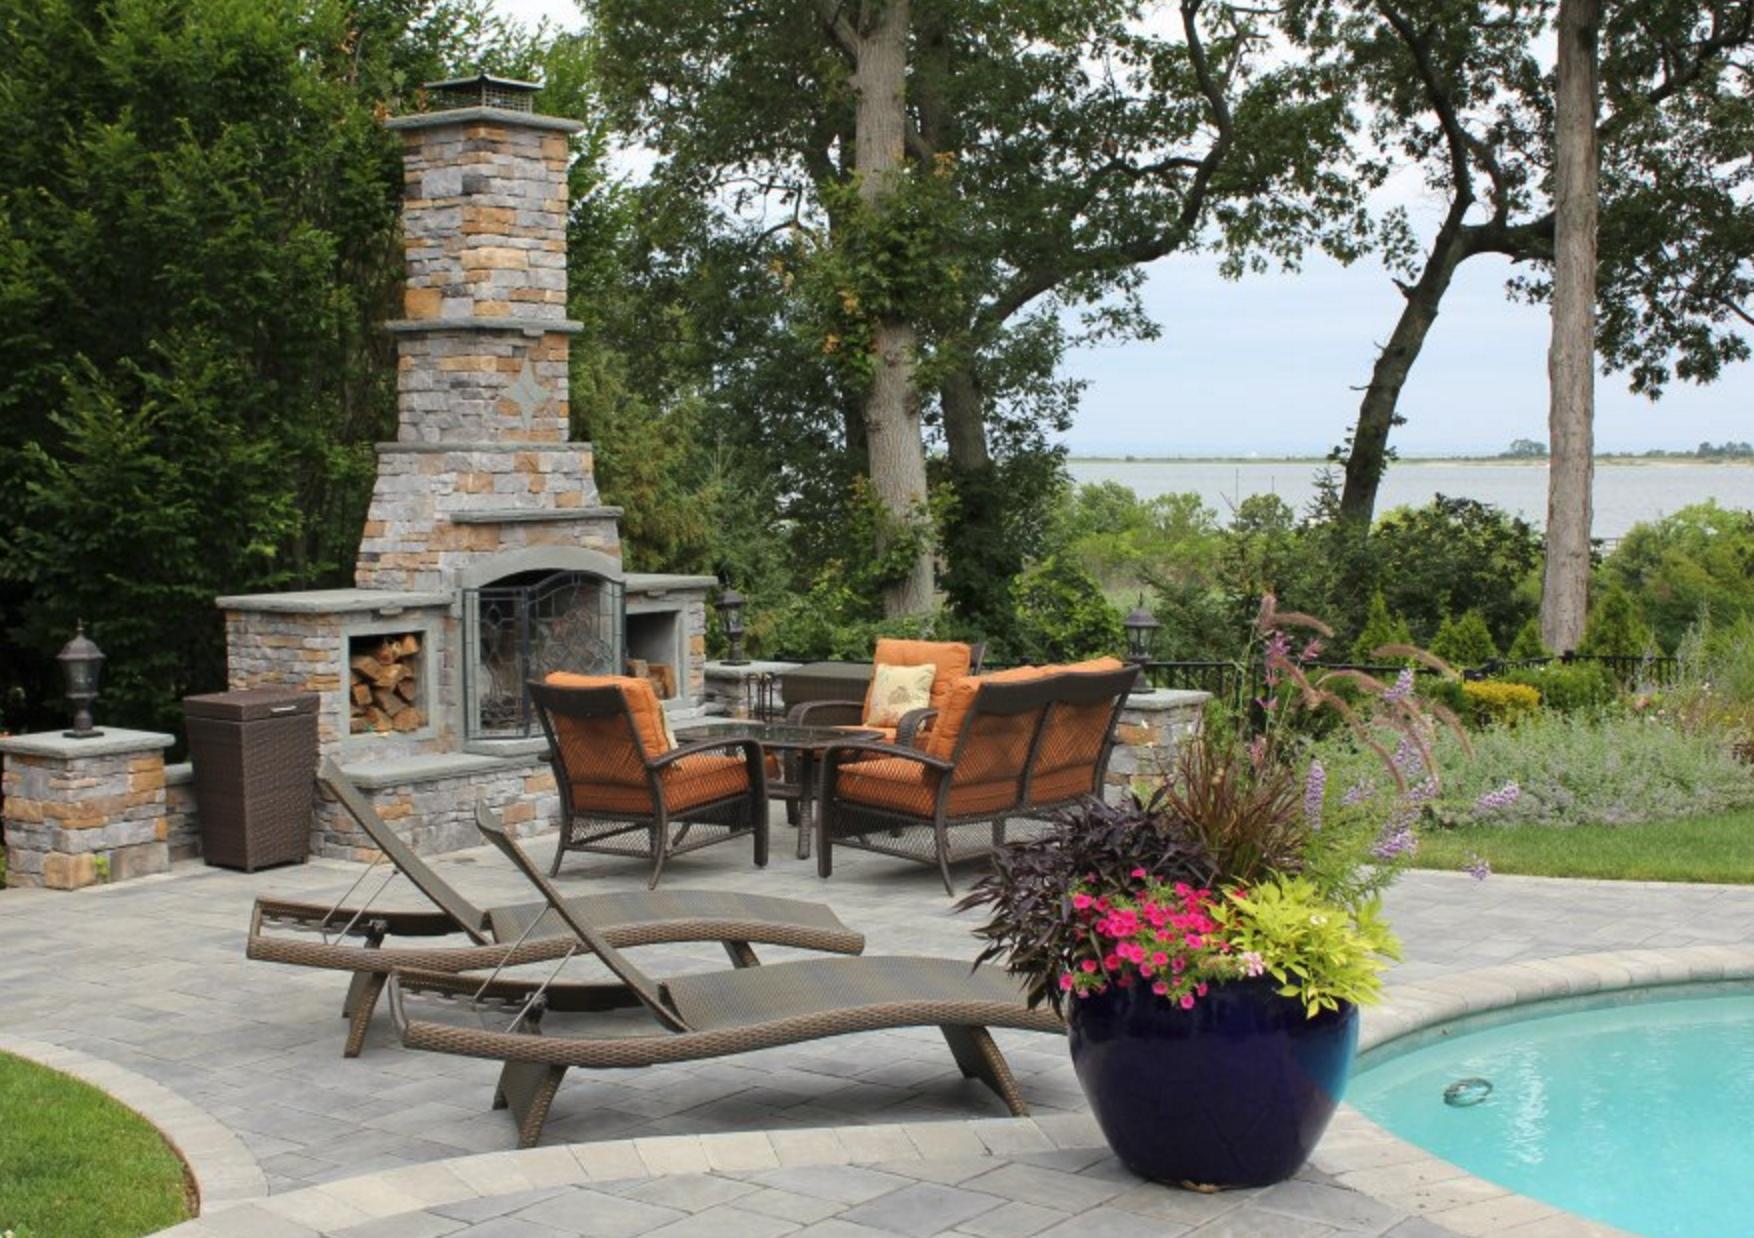 outdoor fireplace Glen Cove, NY, East Hampton, NY